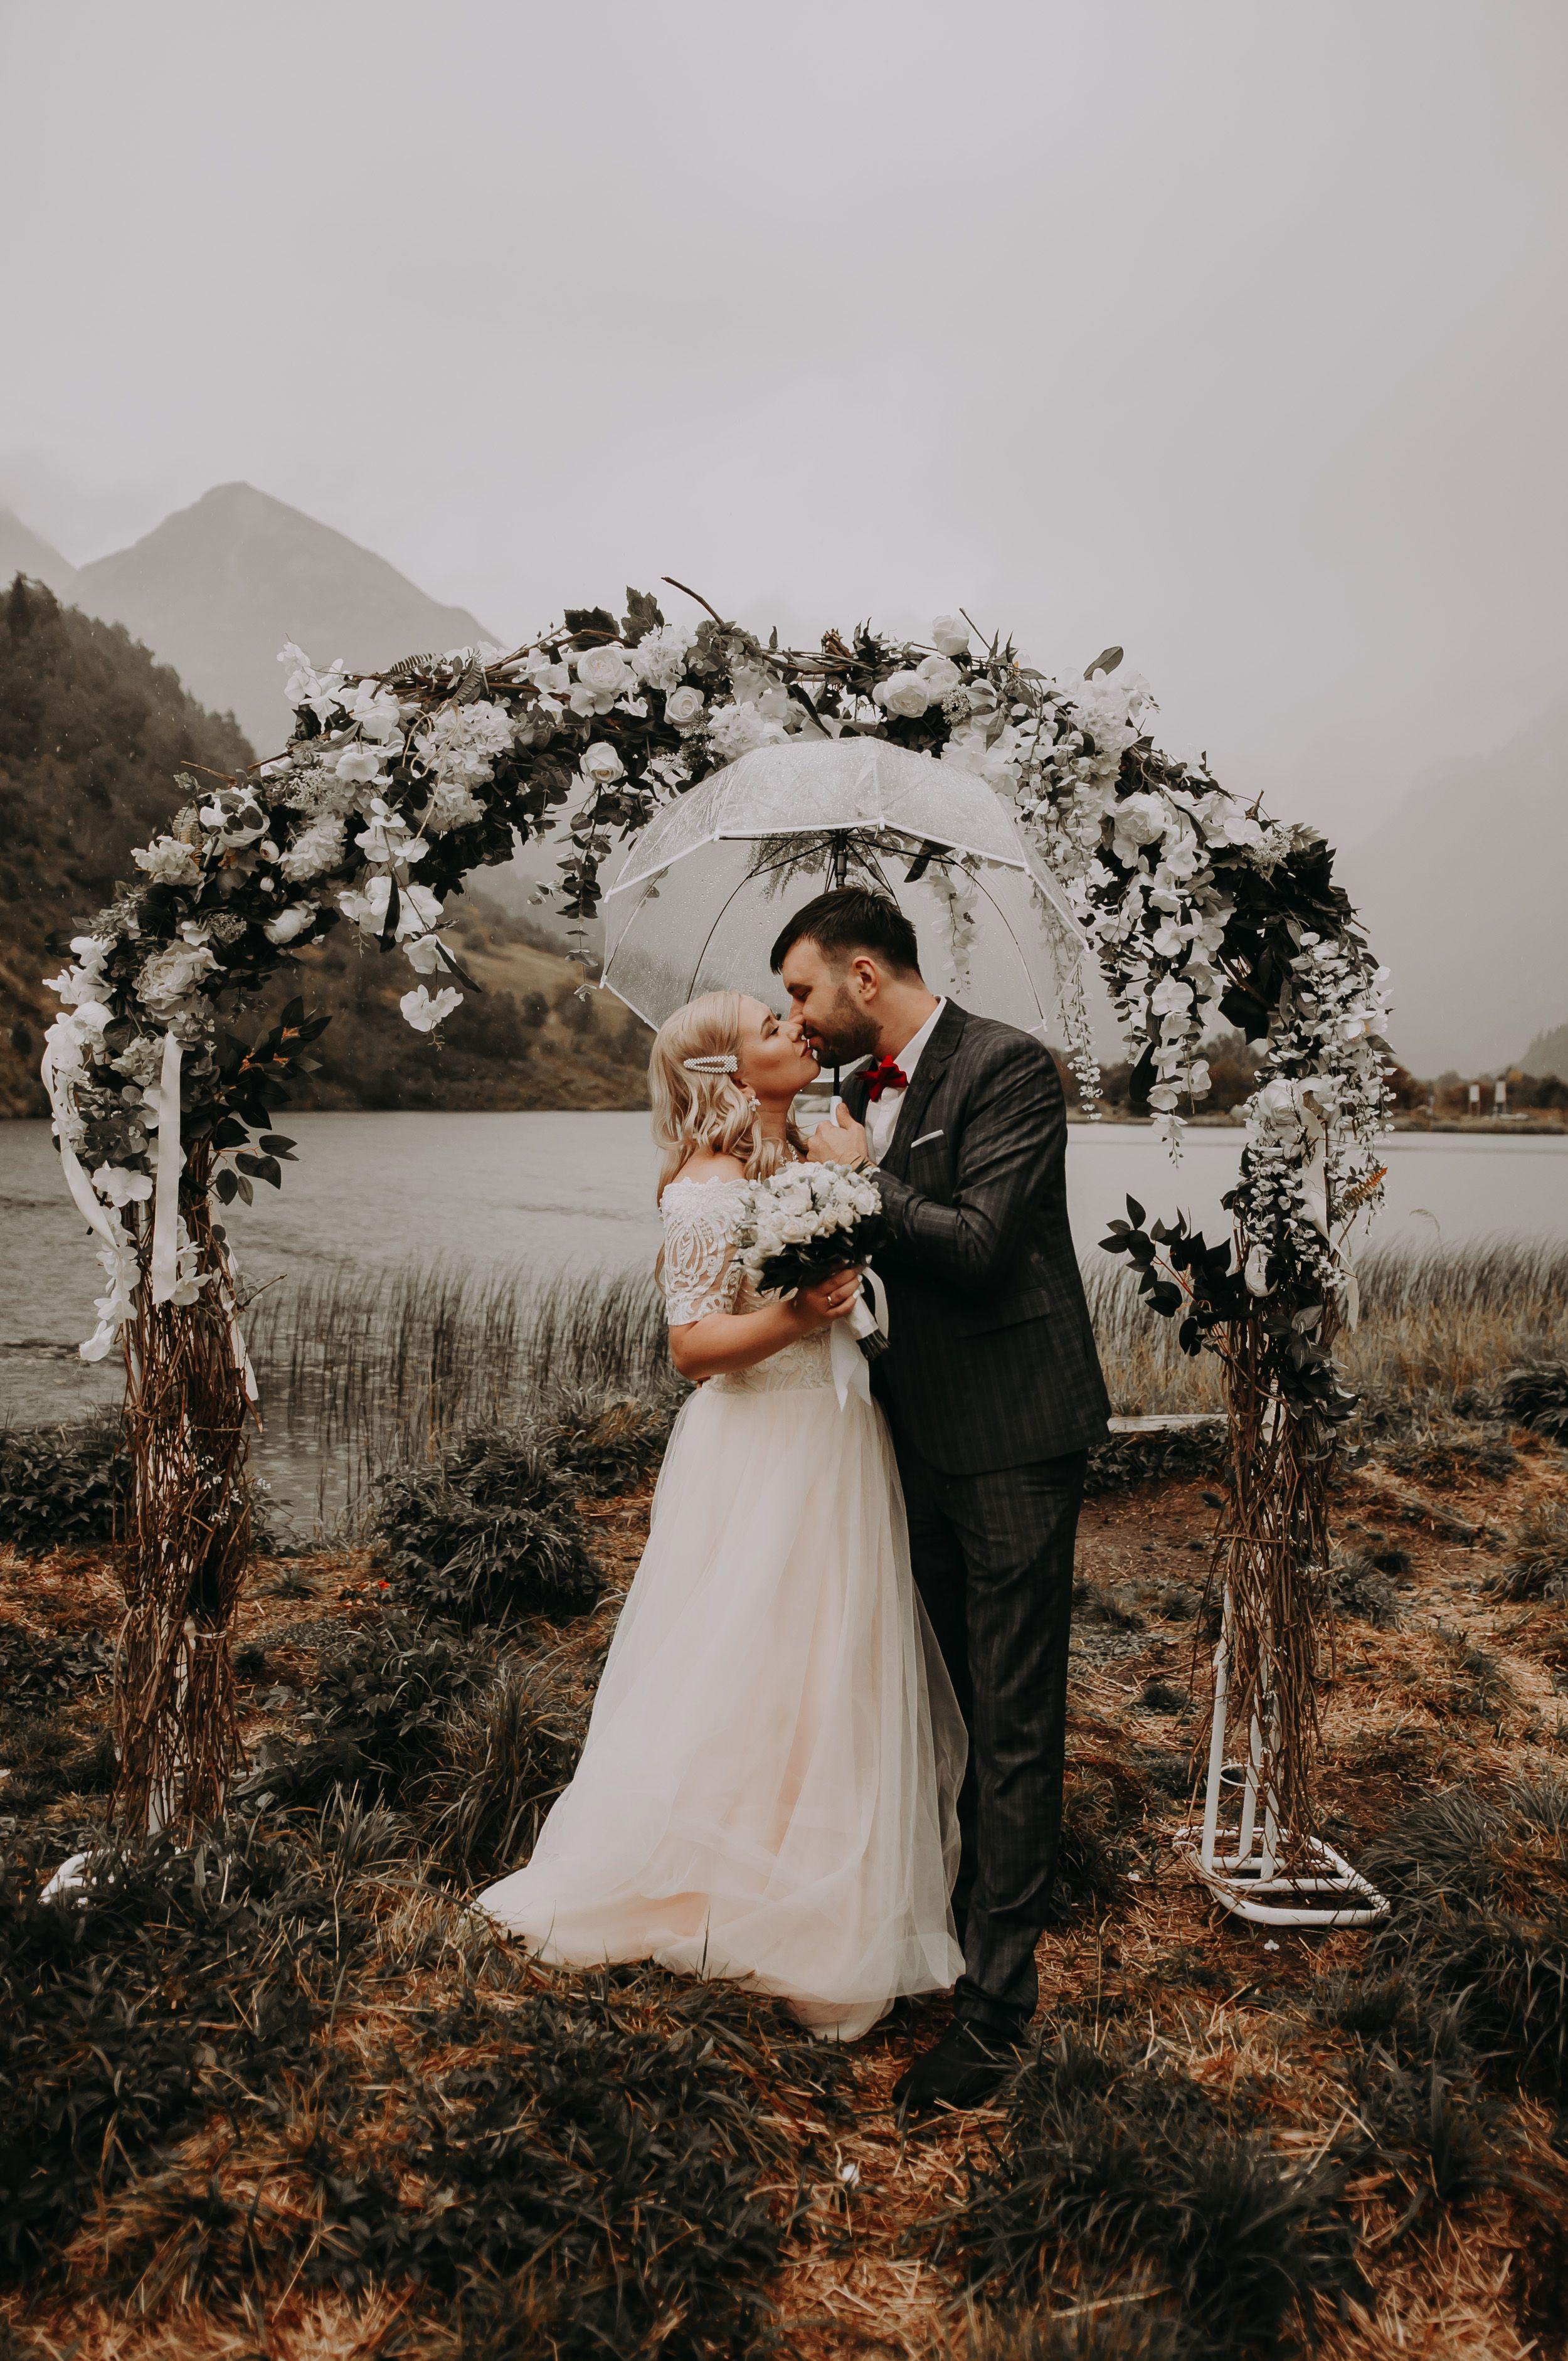 установки свадебные фотографы кмв джокер